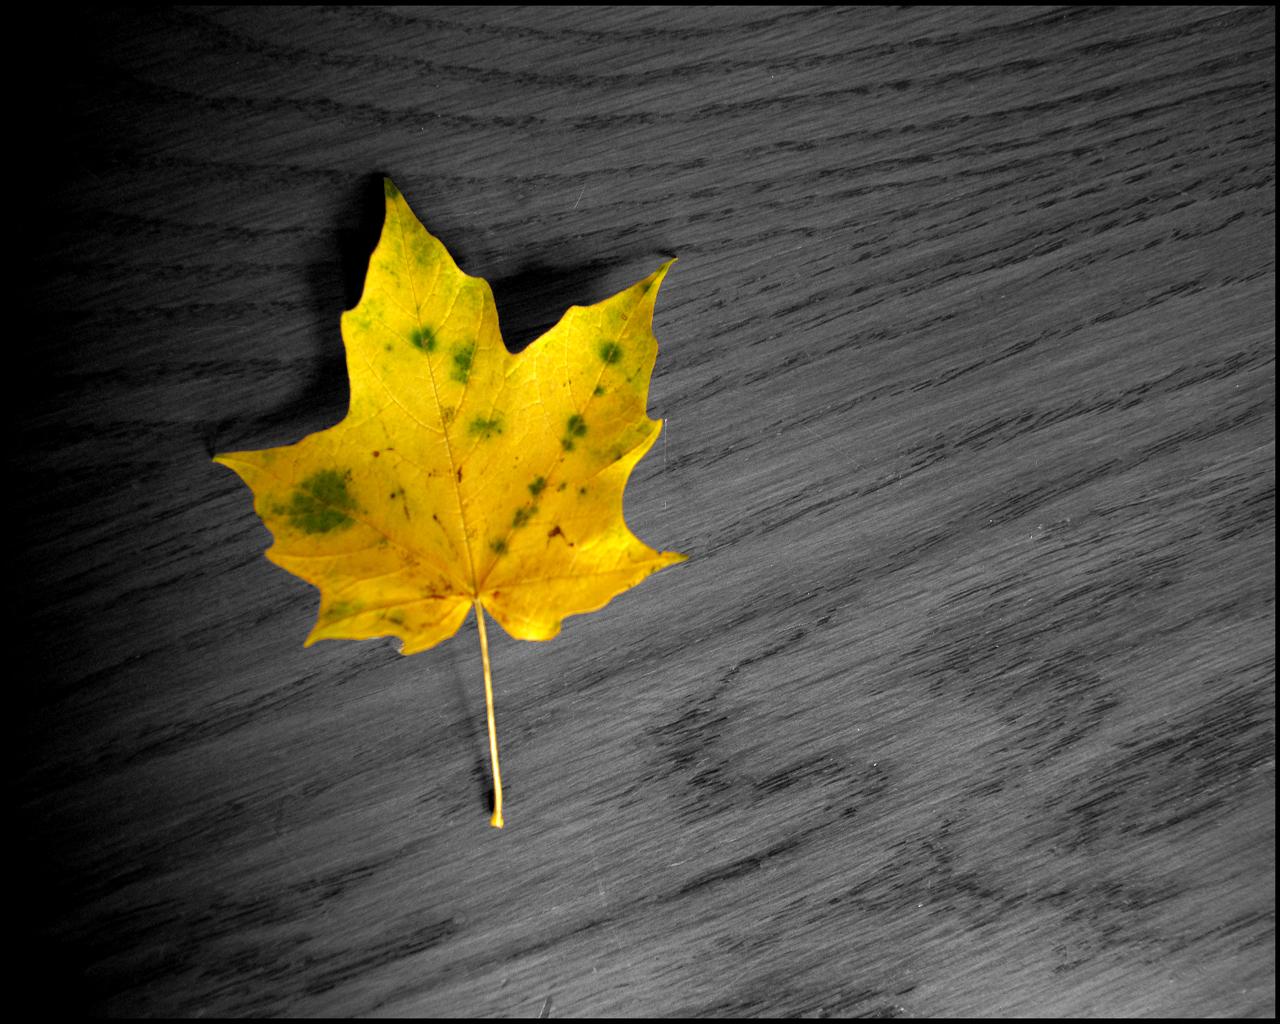 желтый лист клена, осень, скачать фото, обои для рабочего стола, листопад